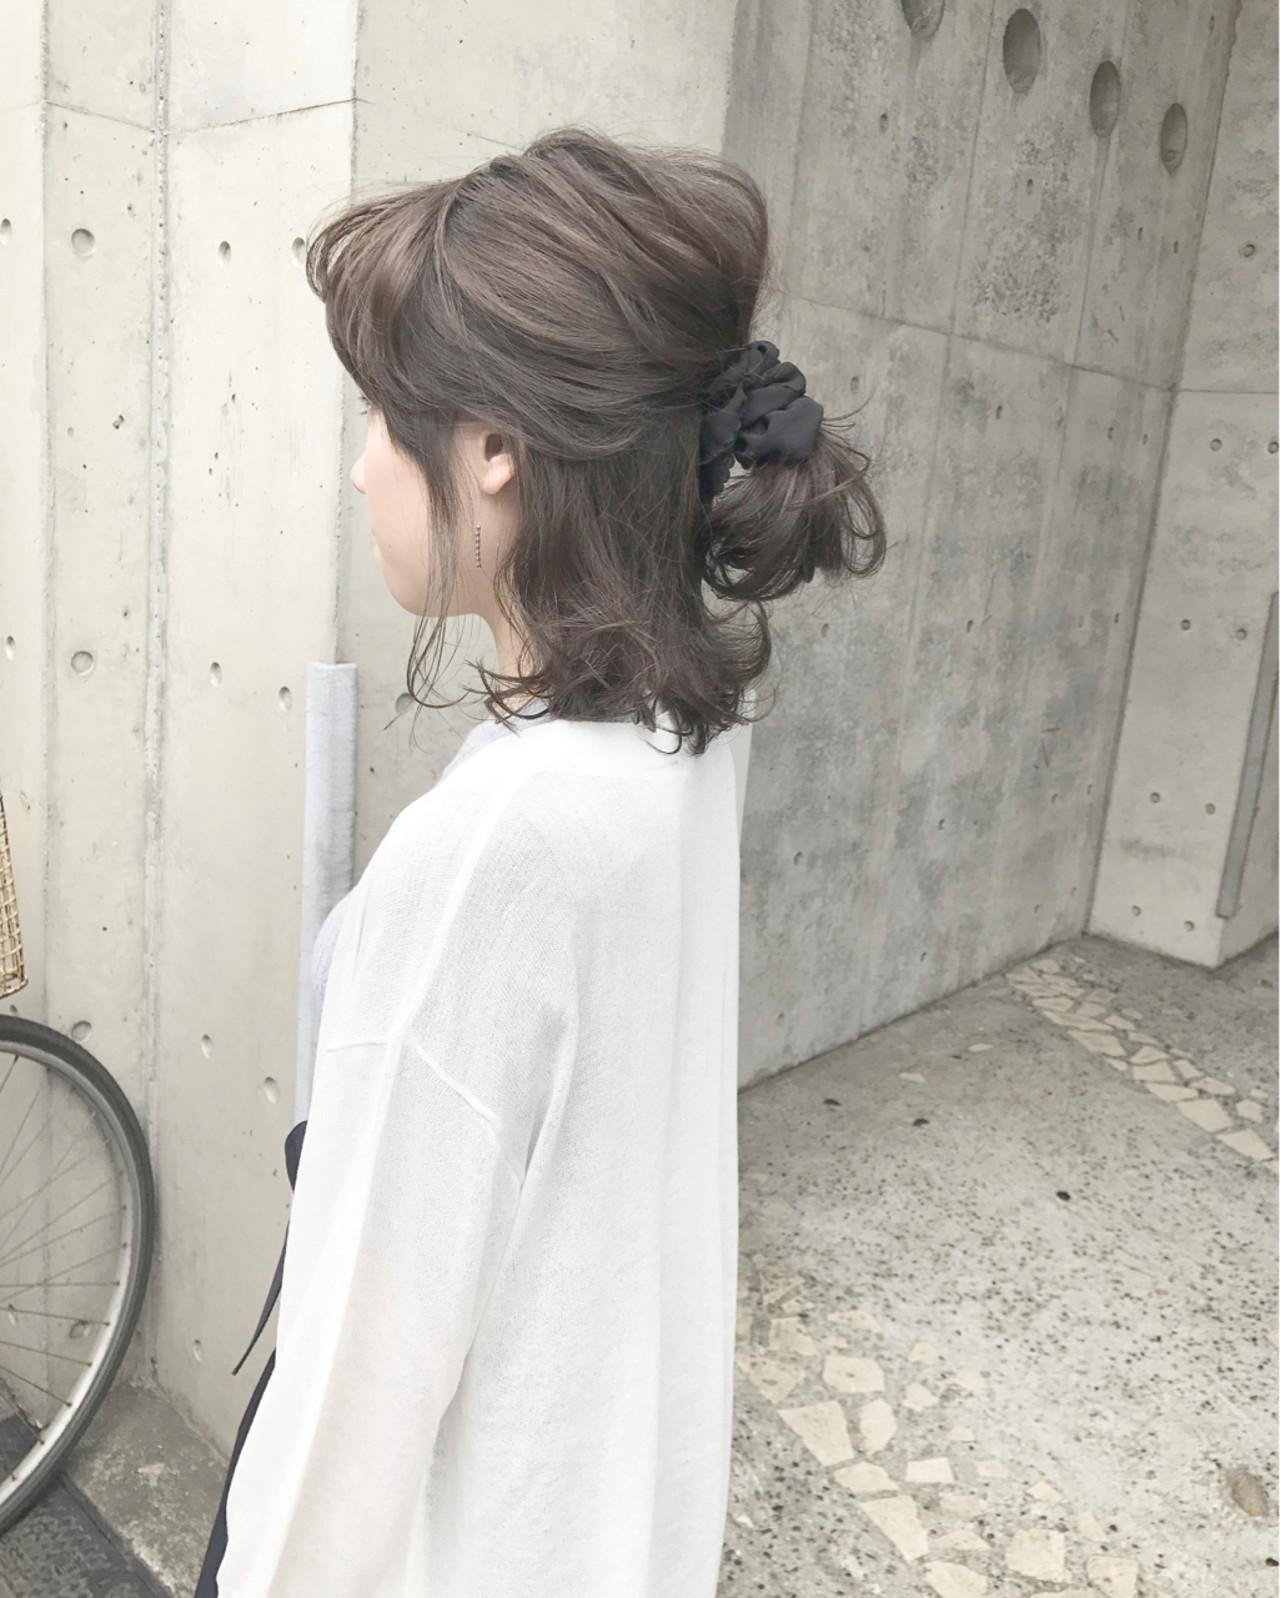 女子会 ポニーテール 簡単ヘアアレンジ ミディアム ヘアスタイルや髪型の写真・画像 | Wataru Maeda / cache cache